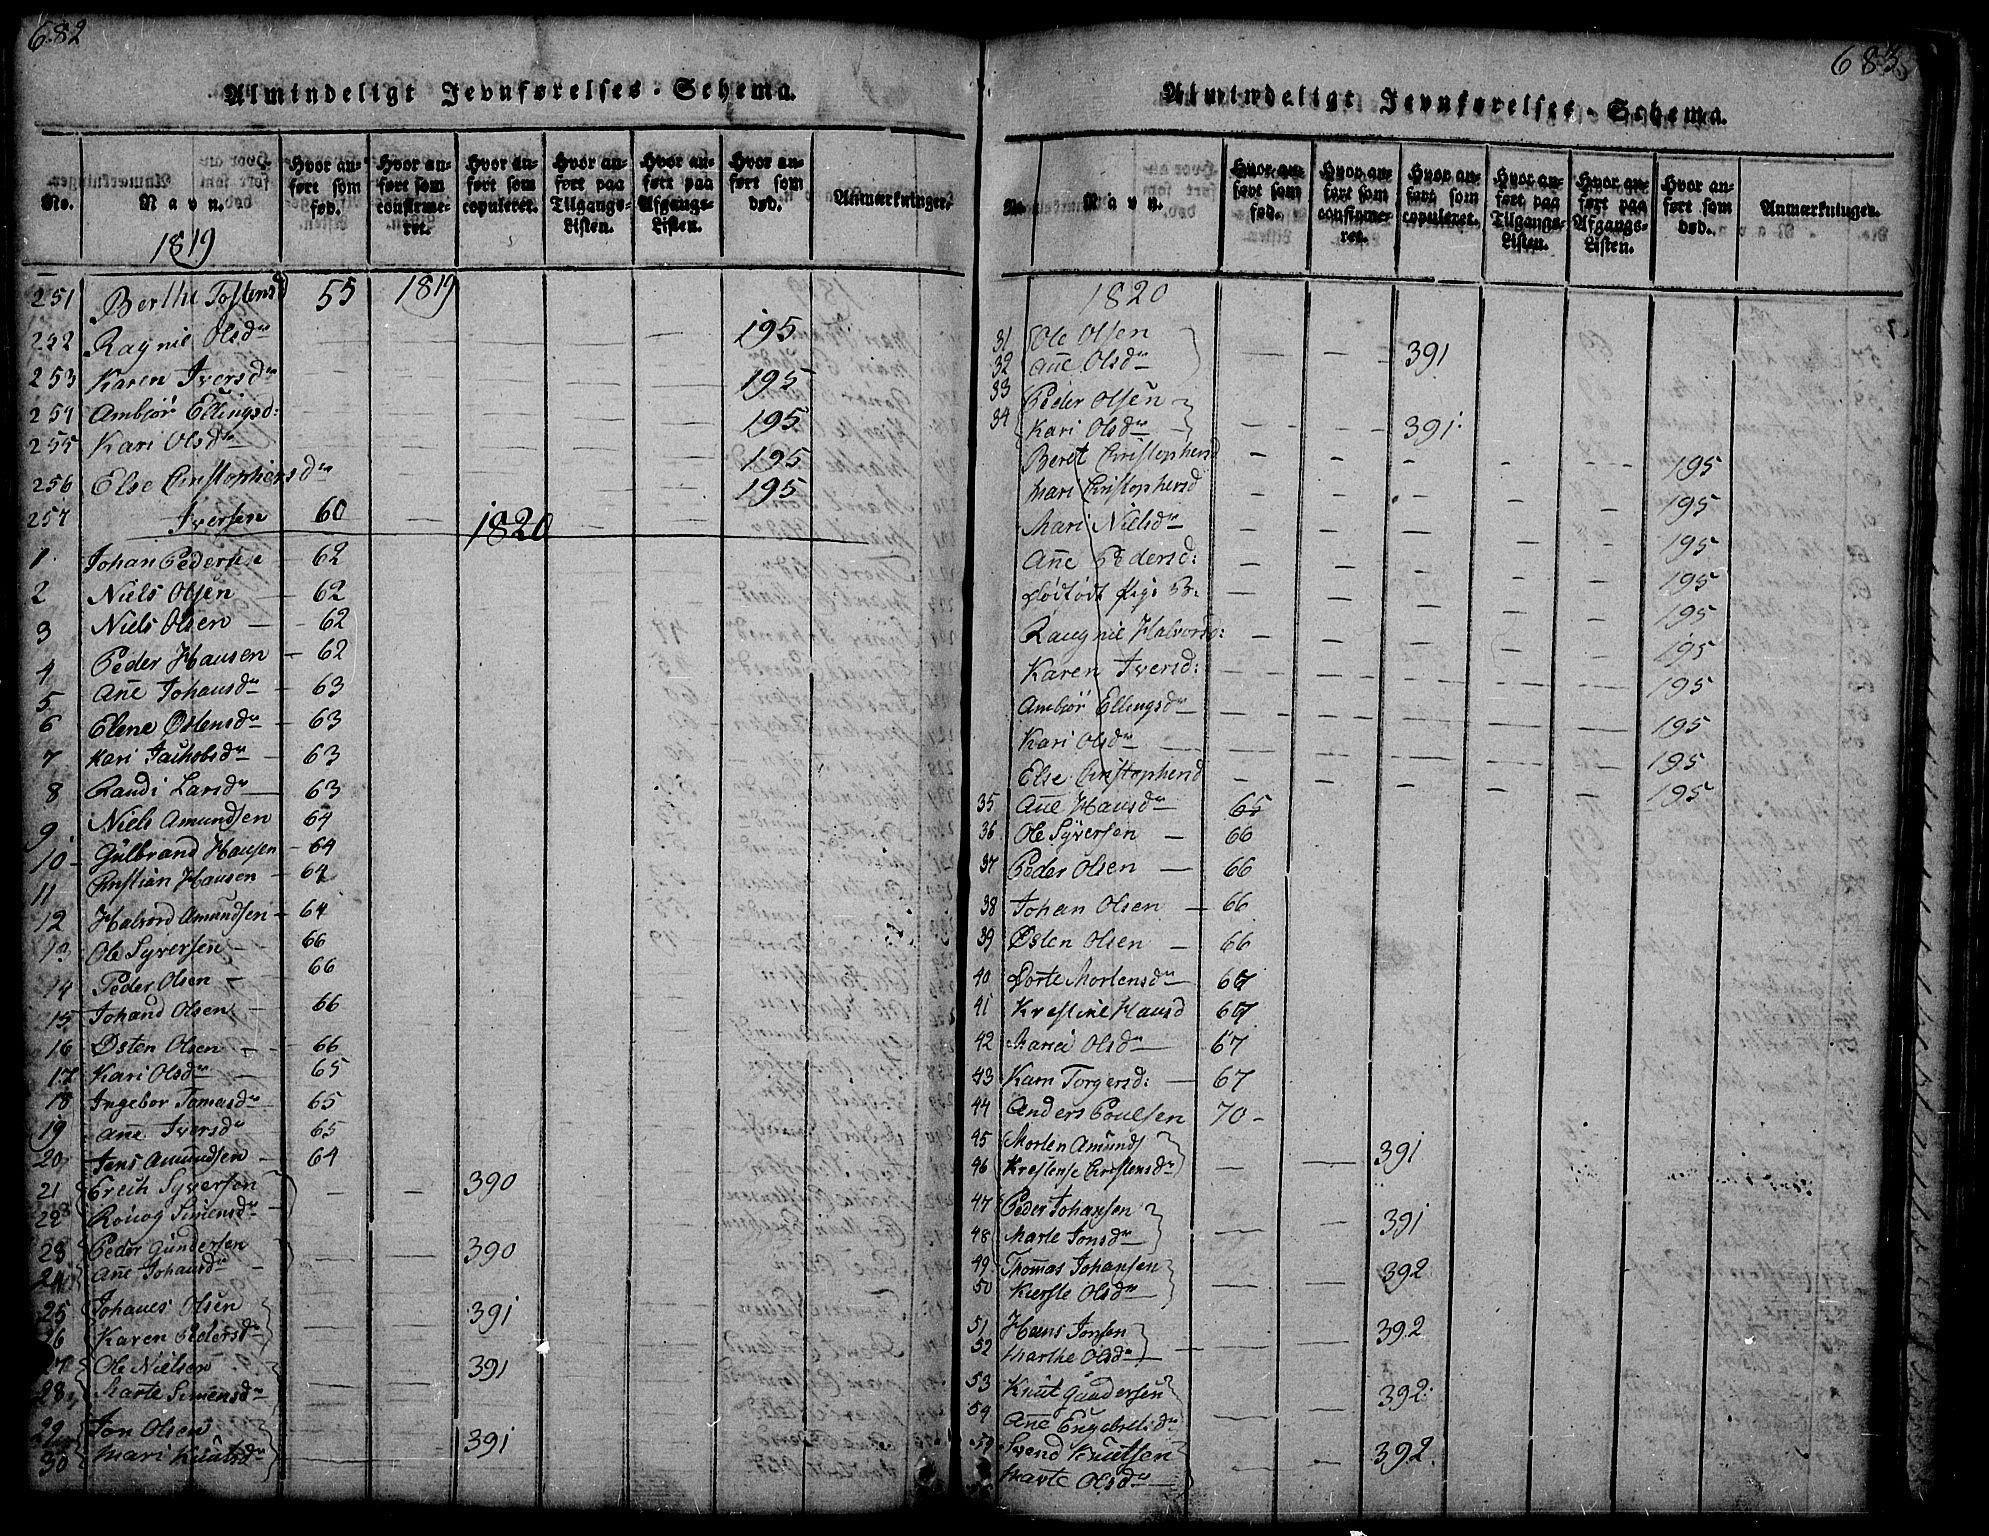 SAH, Gausdal prestekontor, Klokkerbok nr. 1, 1817-1848, s. 682-683